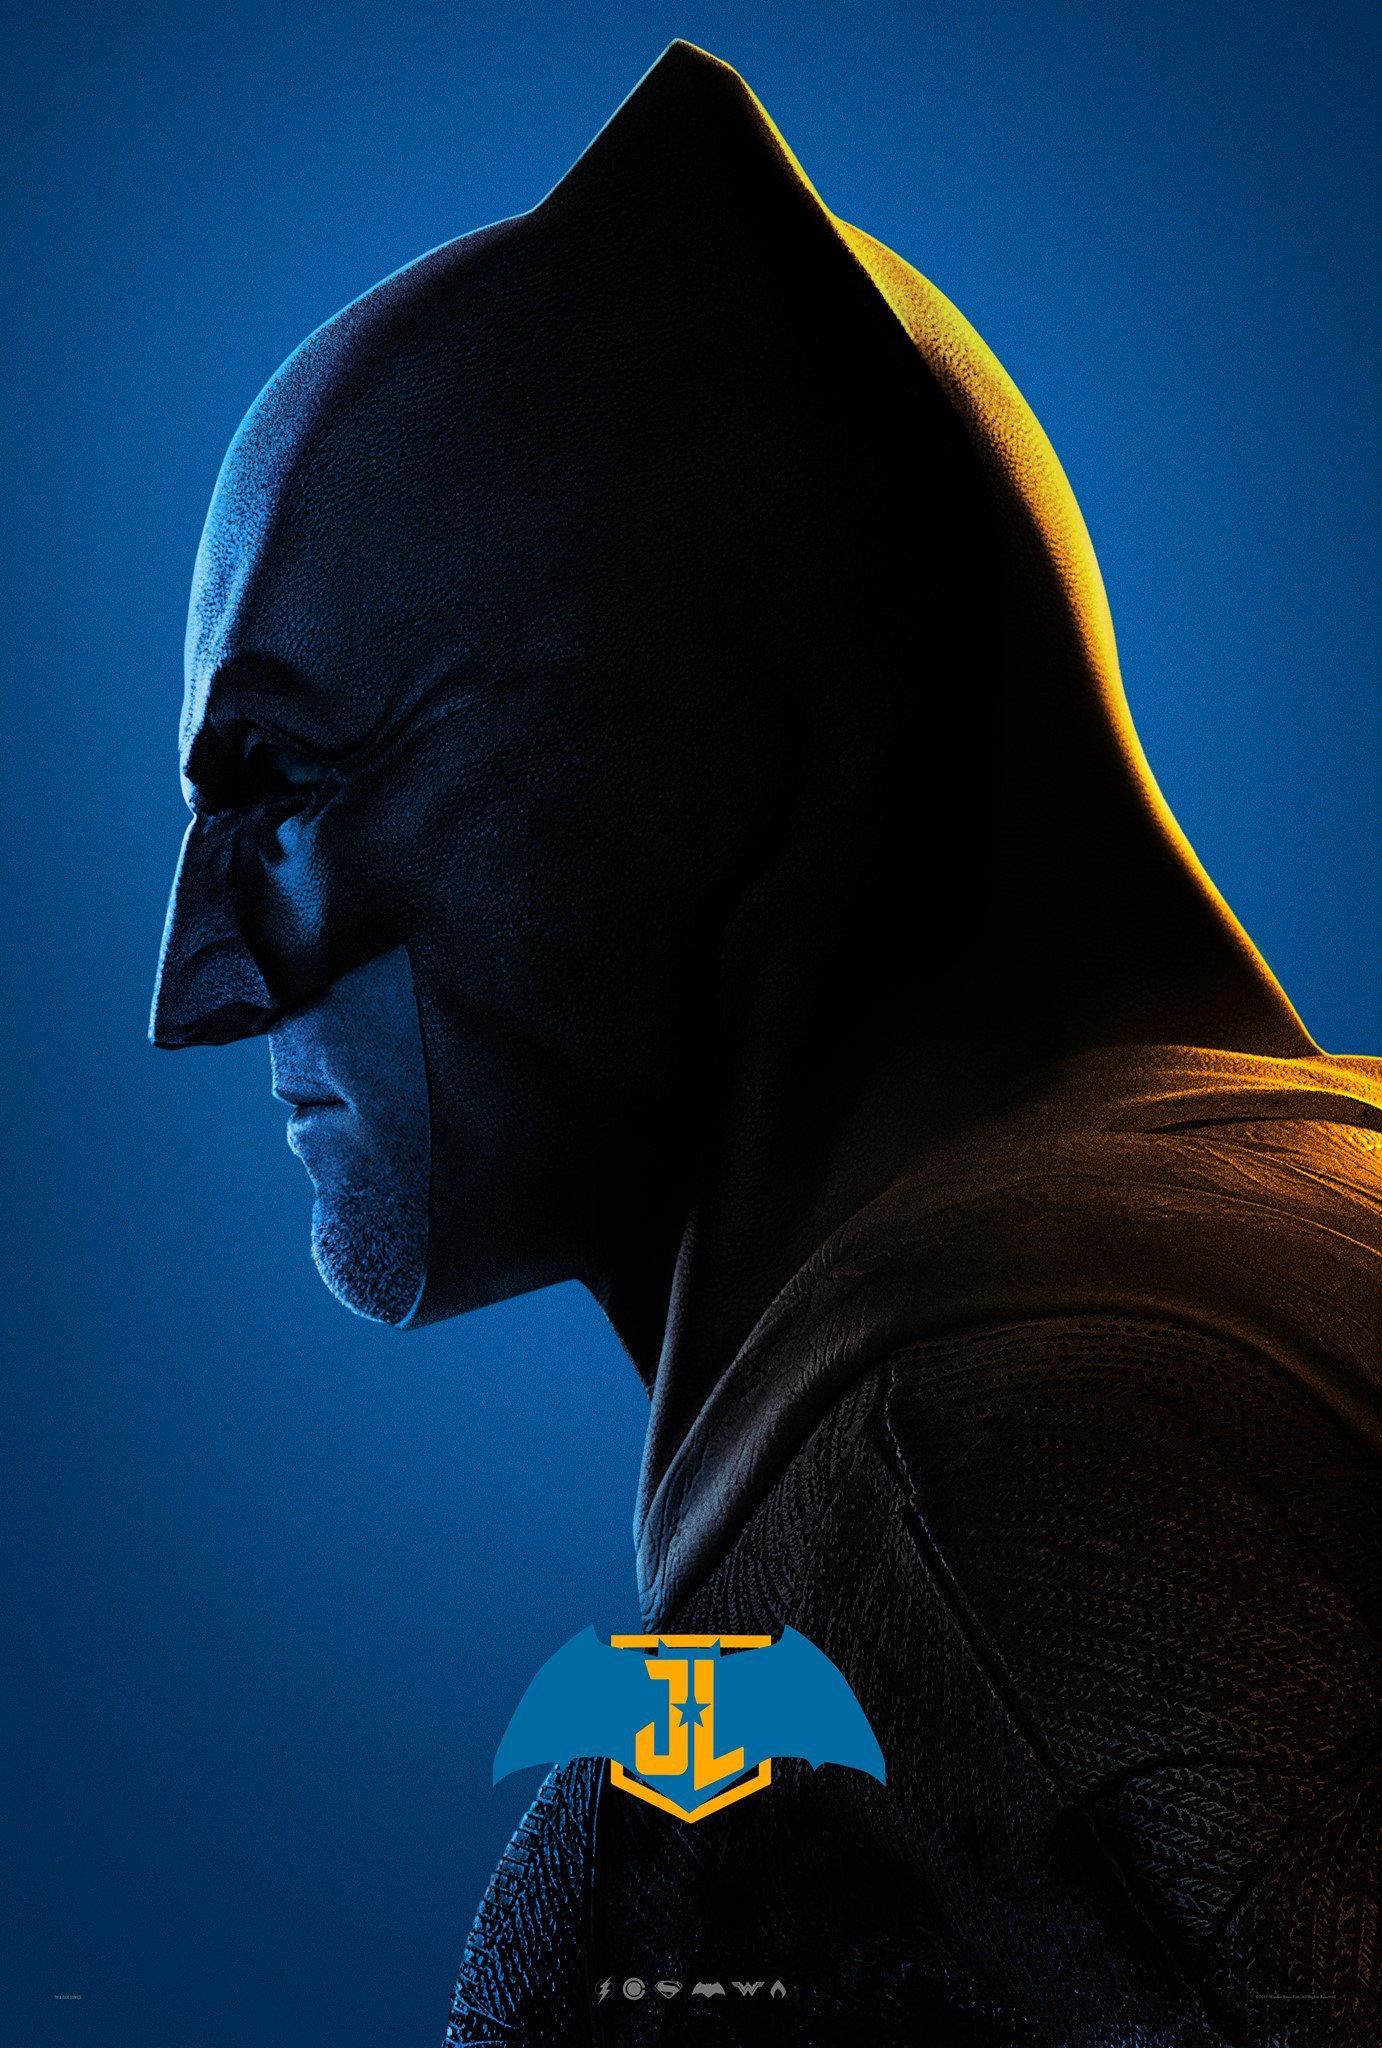 Justice League - Character profil Poster - Ben Affleck as Batman